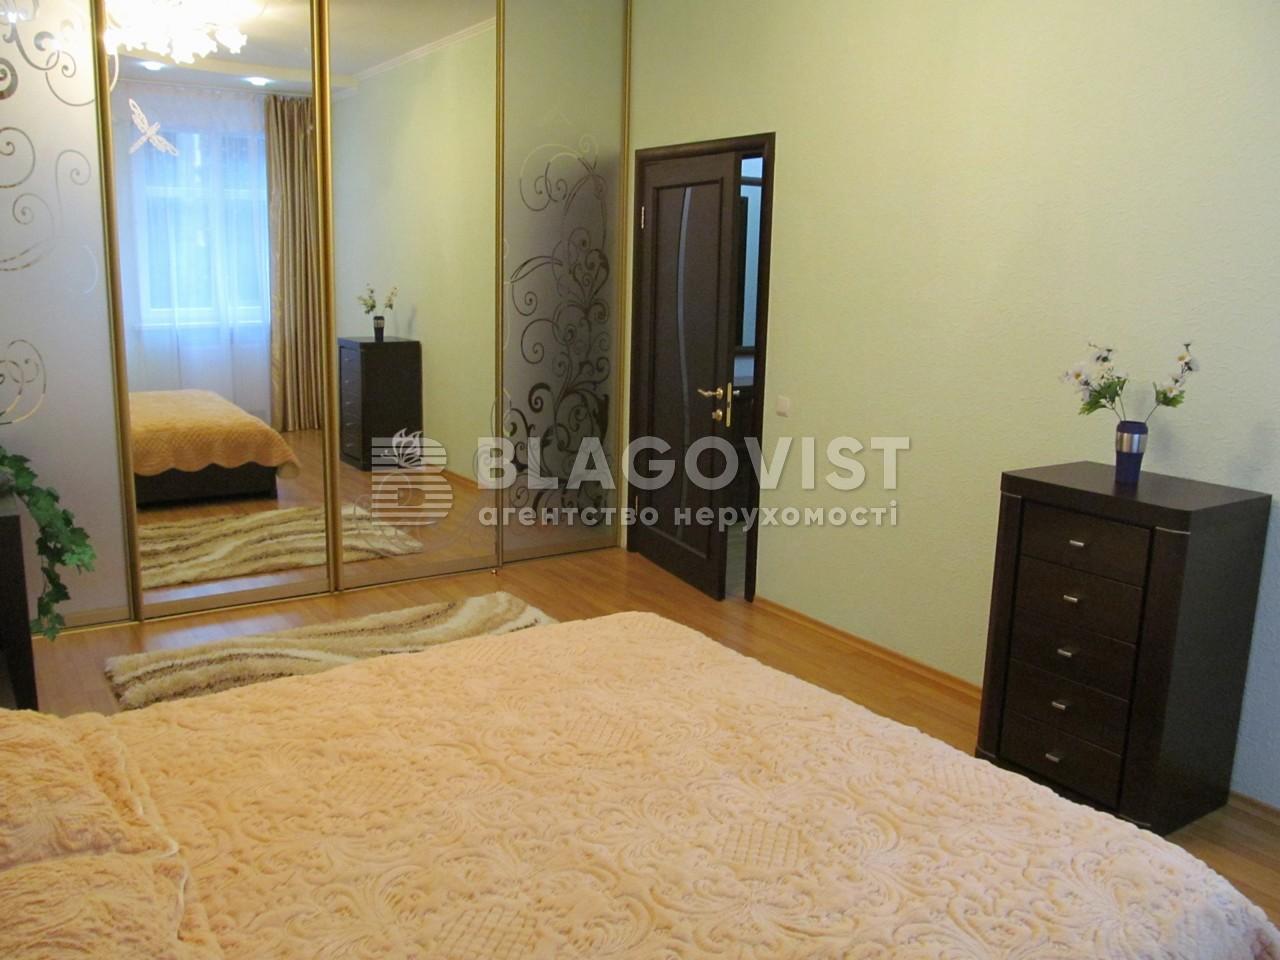 Квартира E-13012, Коновальца Евгения (Щорса), 32б, Киев - Фото 14